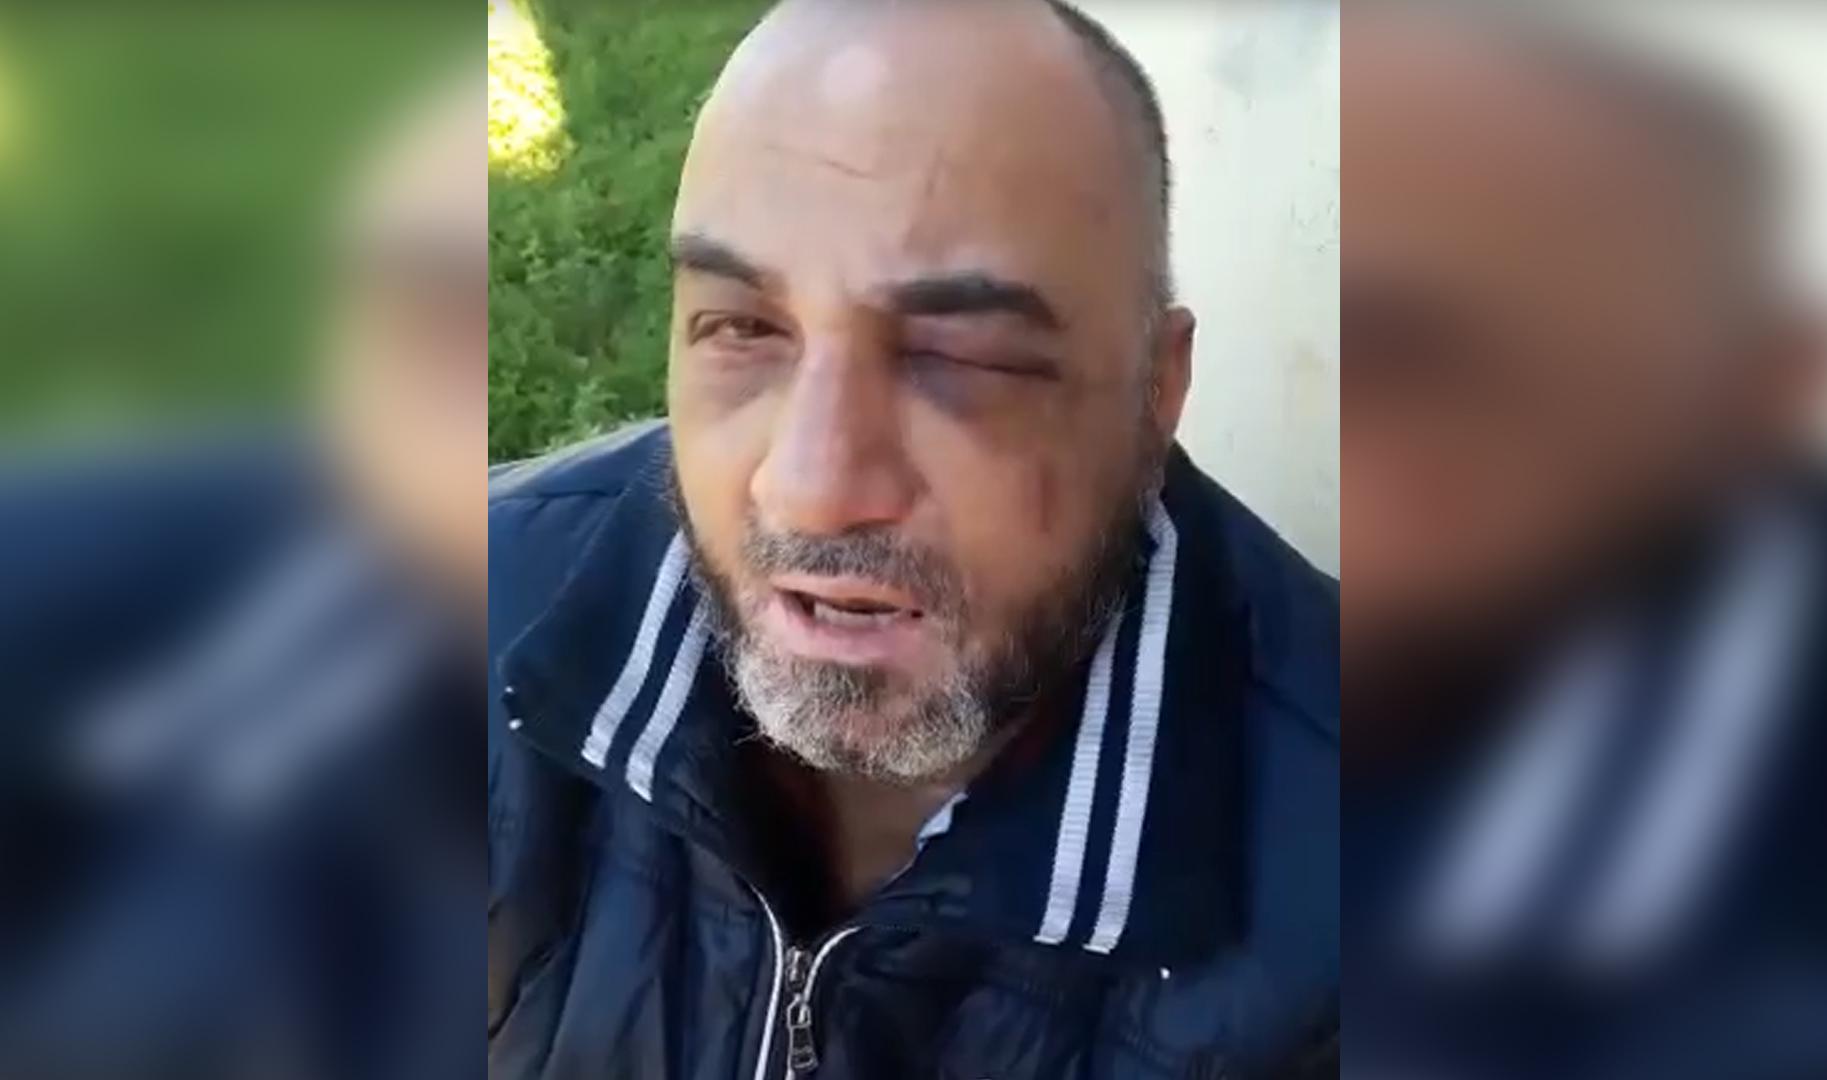 بالفيديو المؤسف..اعتداء وحشي على مواطن لبناني.. ذهب للمخفر لرفع شكوى فتم سجنه!